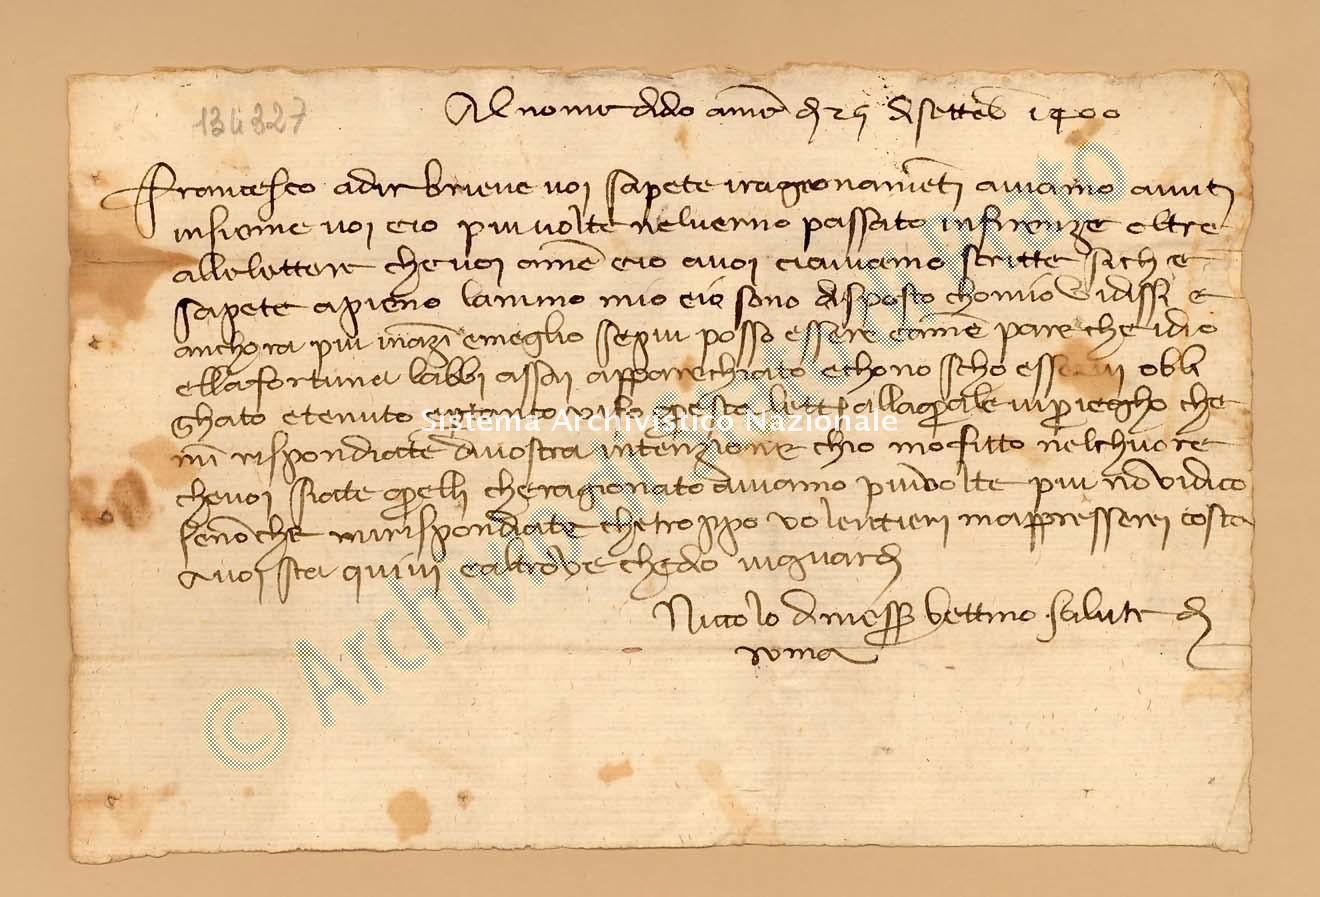 Archivio di Stato di Prato, Fondo Datini, Lettere di vari a Francesco Datini, 1092.7 Lettere Di Covoni Niccolò Di Messer Bettino a Datini Francesco Di Marco (busta 1092, inserto 7, codice 134327)